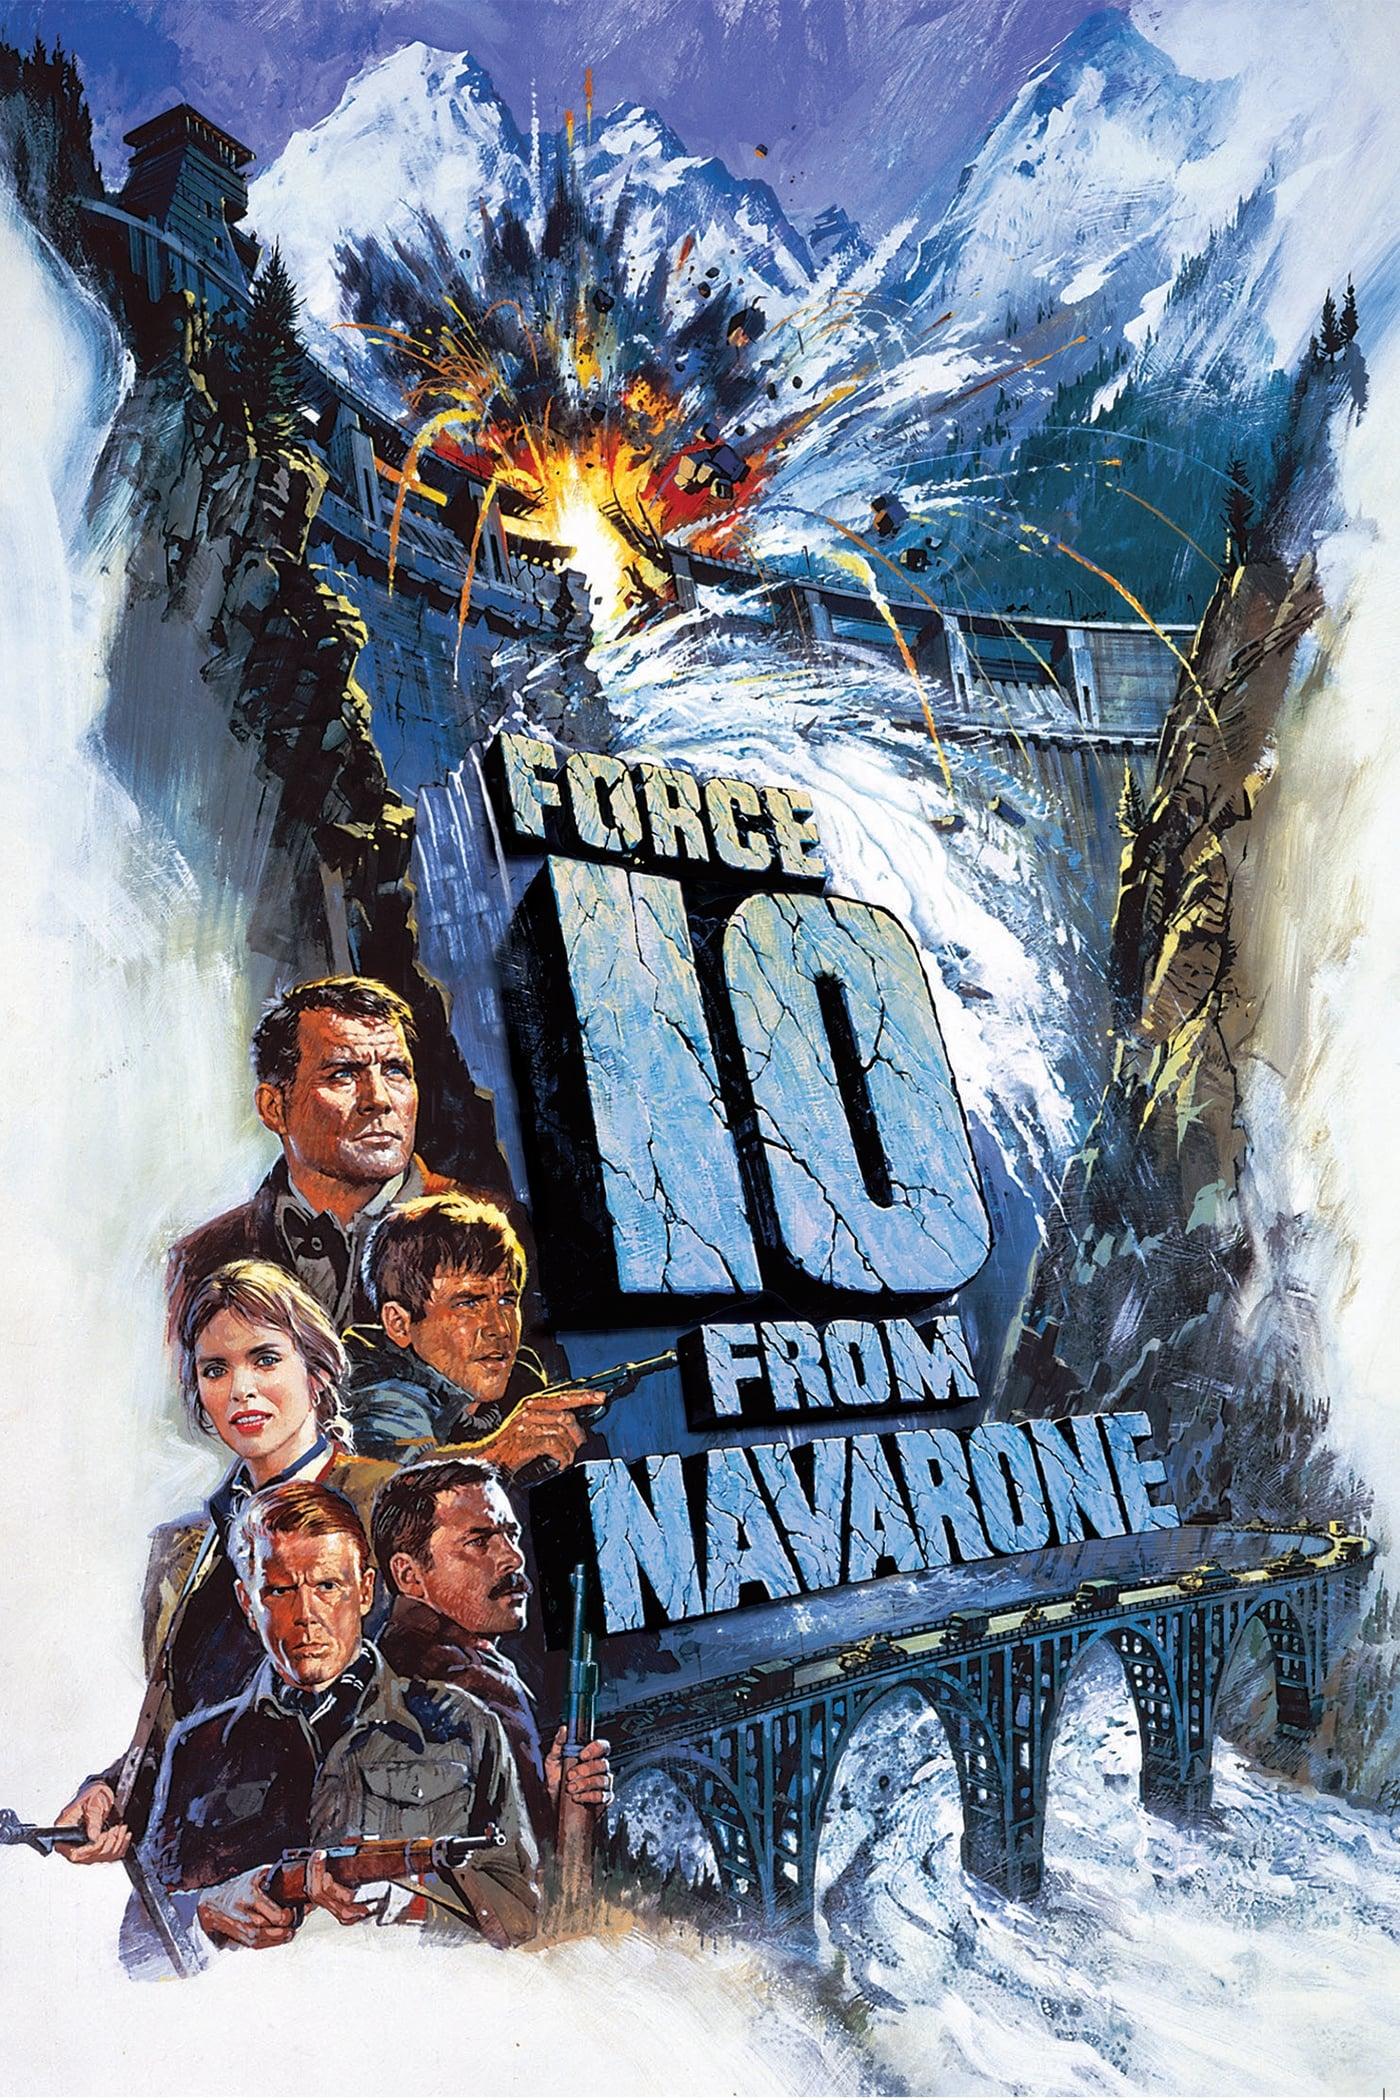 Fuerza 10 de Navarone